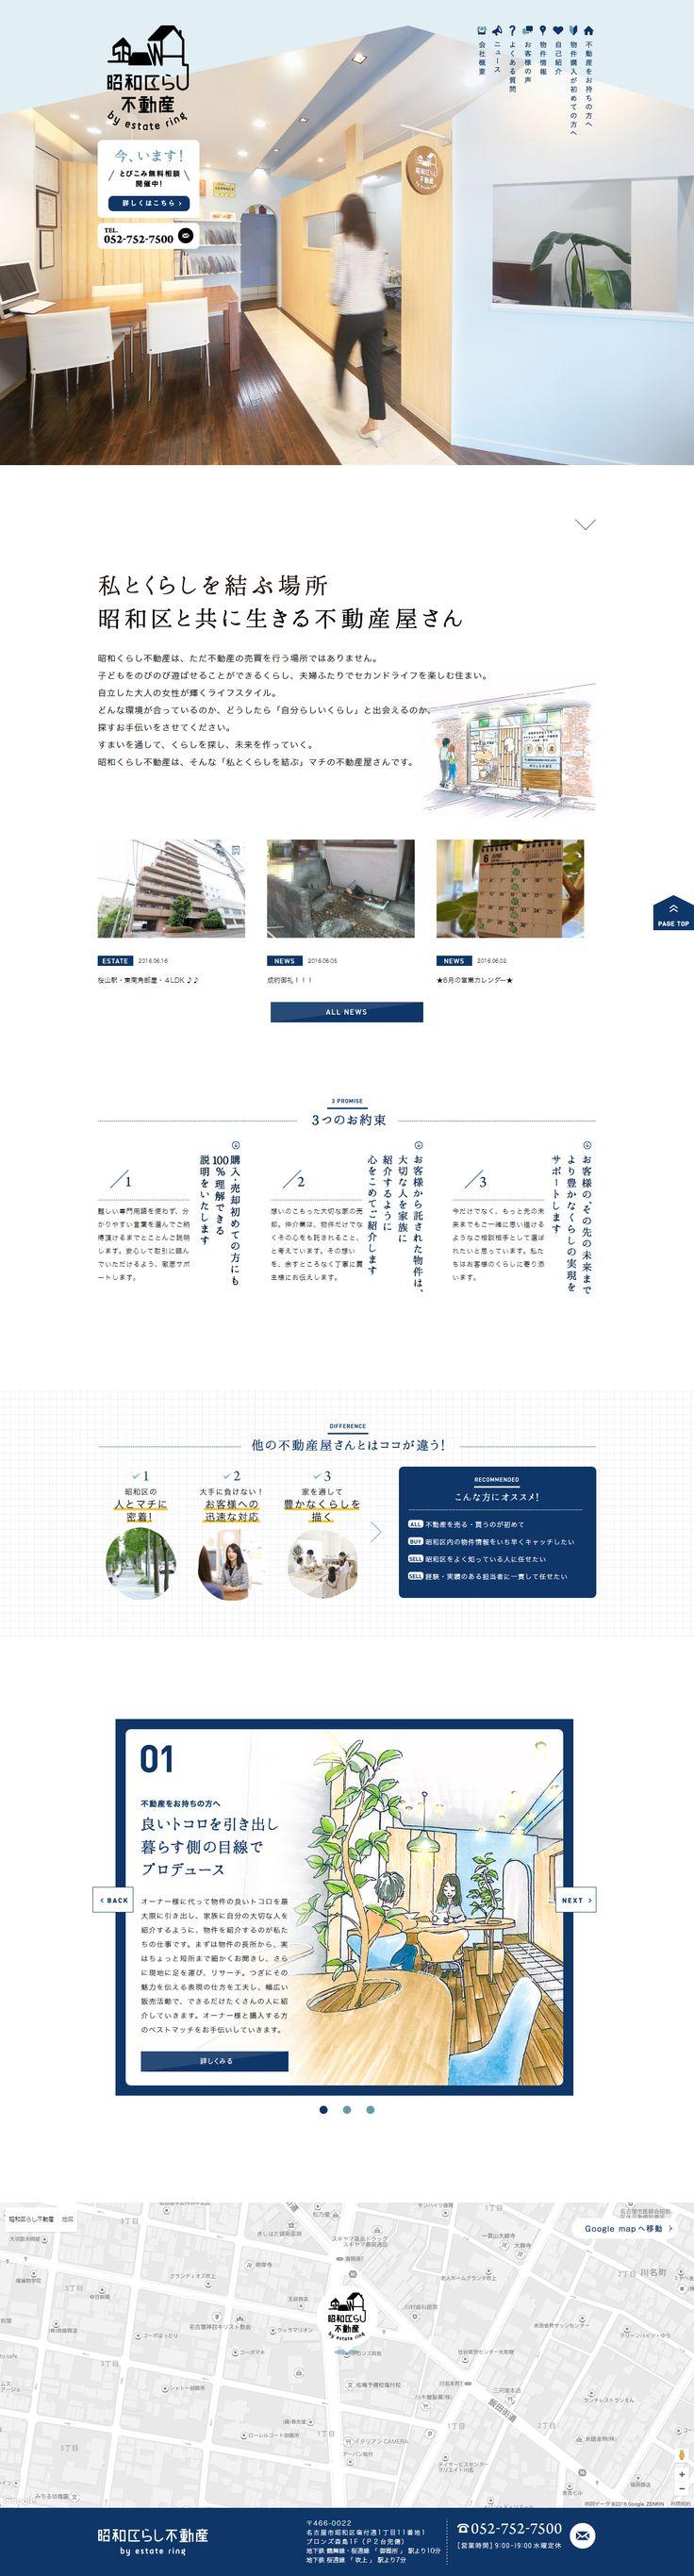 http://estate-ring.co.jp/